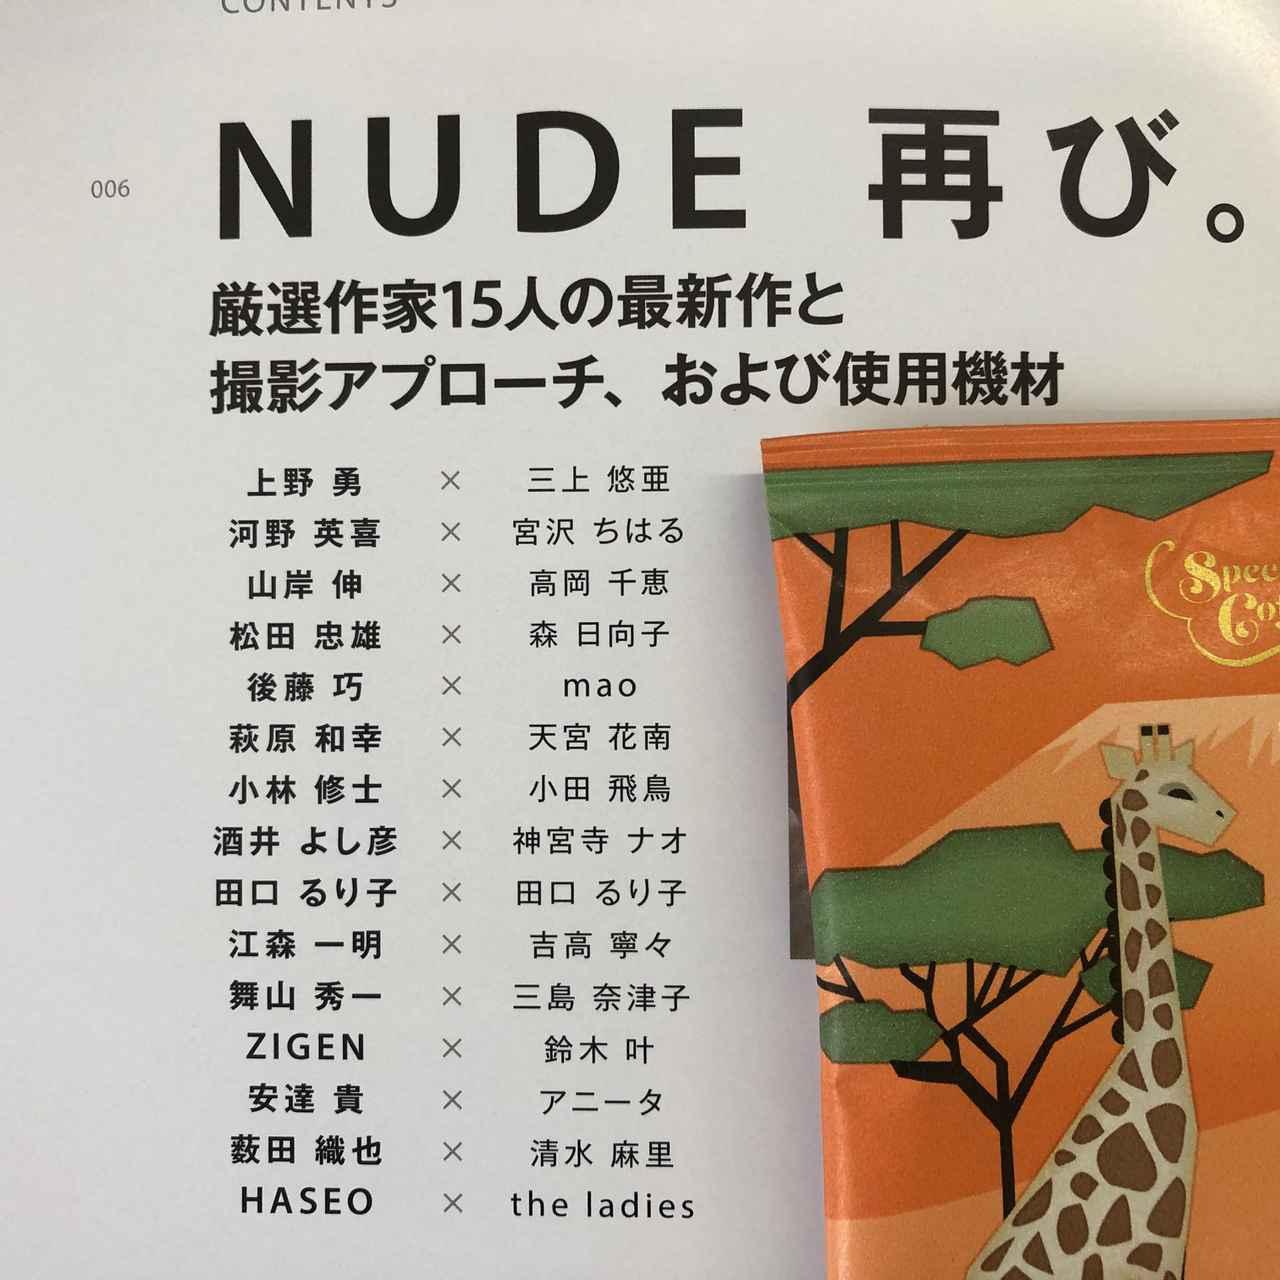 画像1: カメラマン RETURNS#3 NUDEは本日(9月30日)、発売!